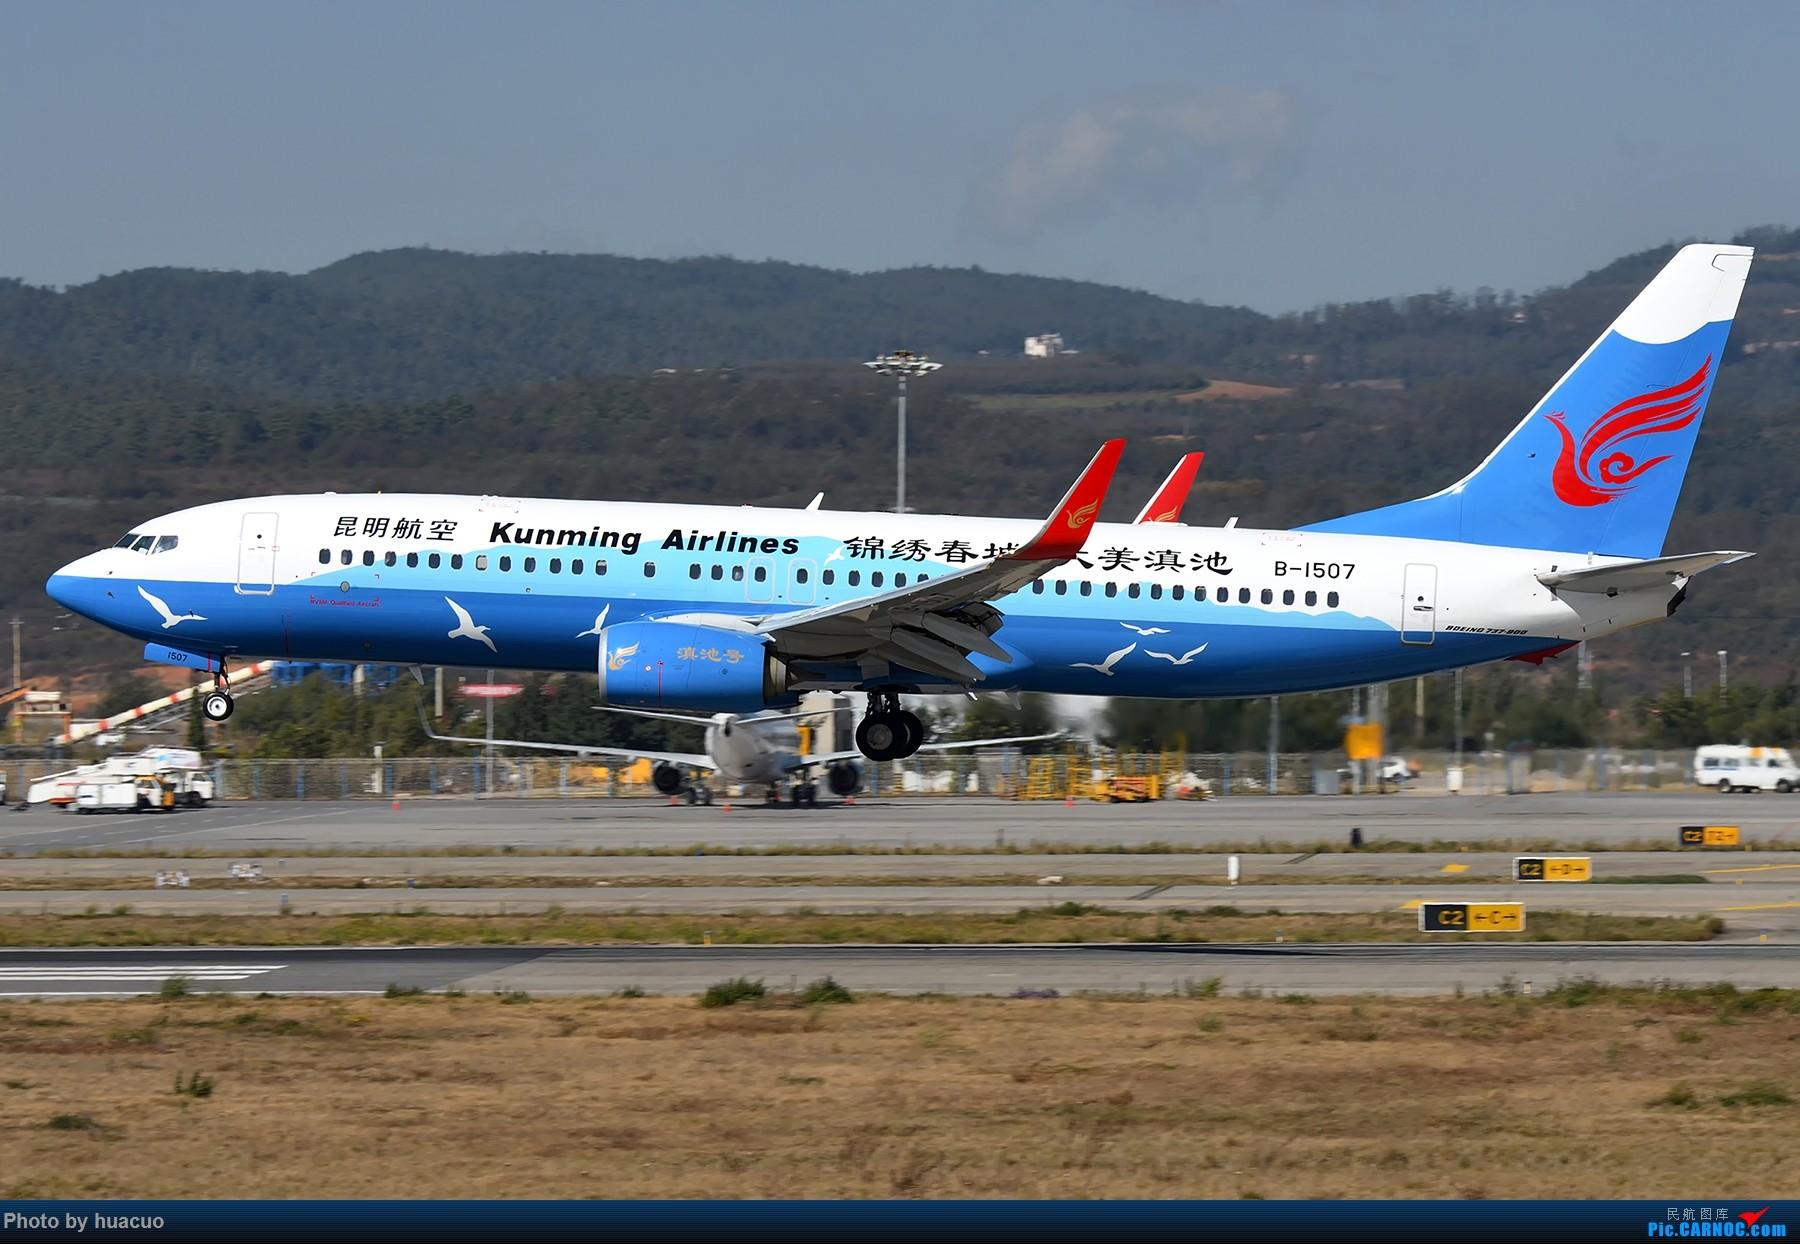 [原创]【KMG】昆明航空滇池号 BOEING 737-800 B-1507 中国昆明长水国际机场